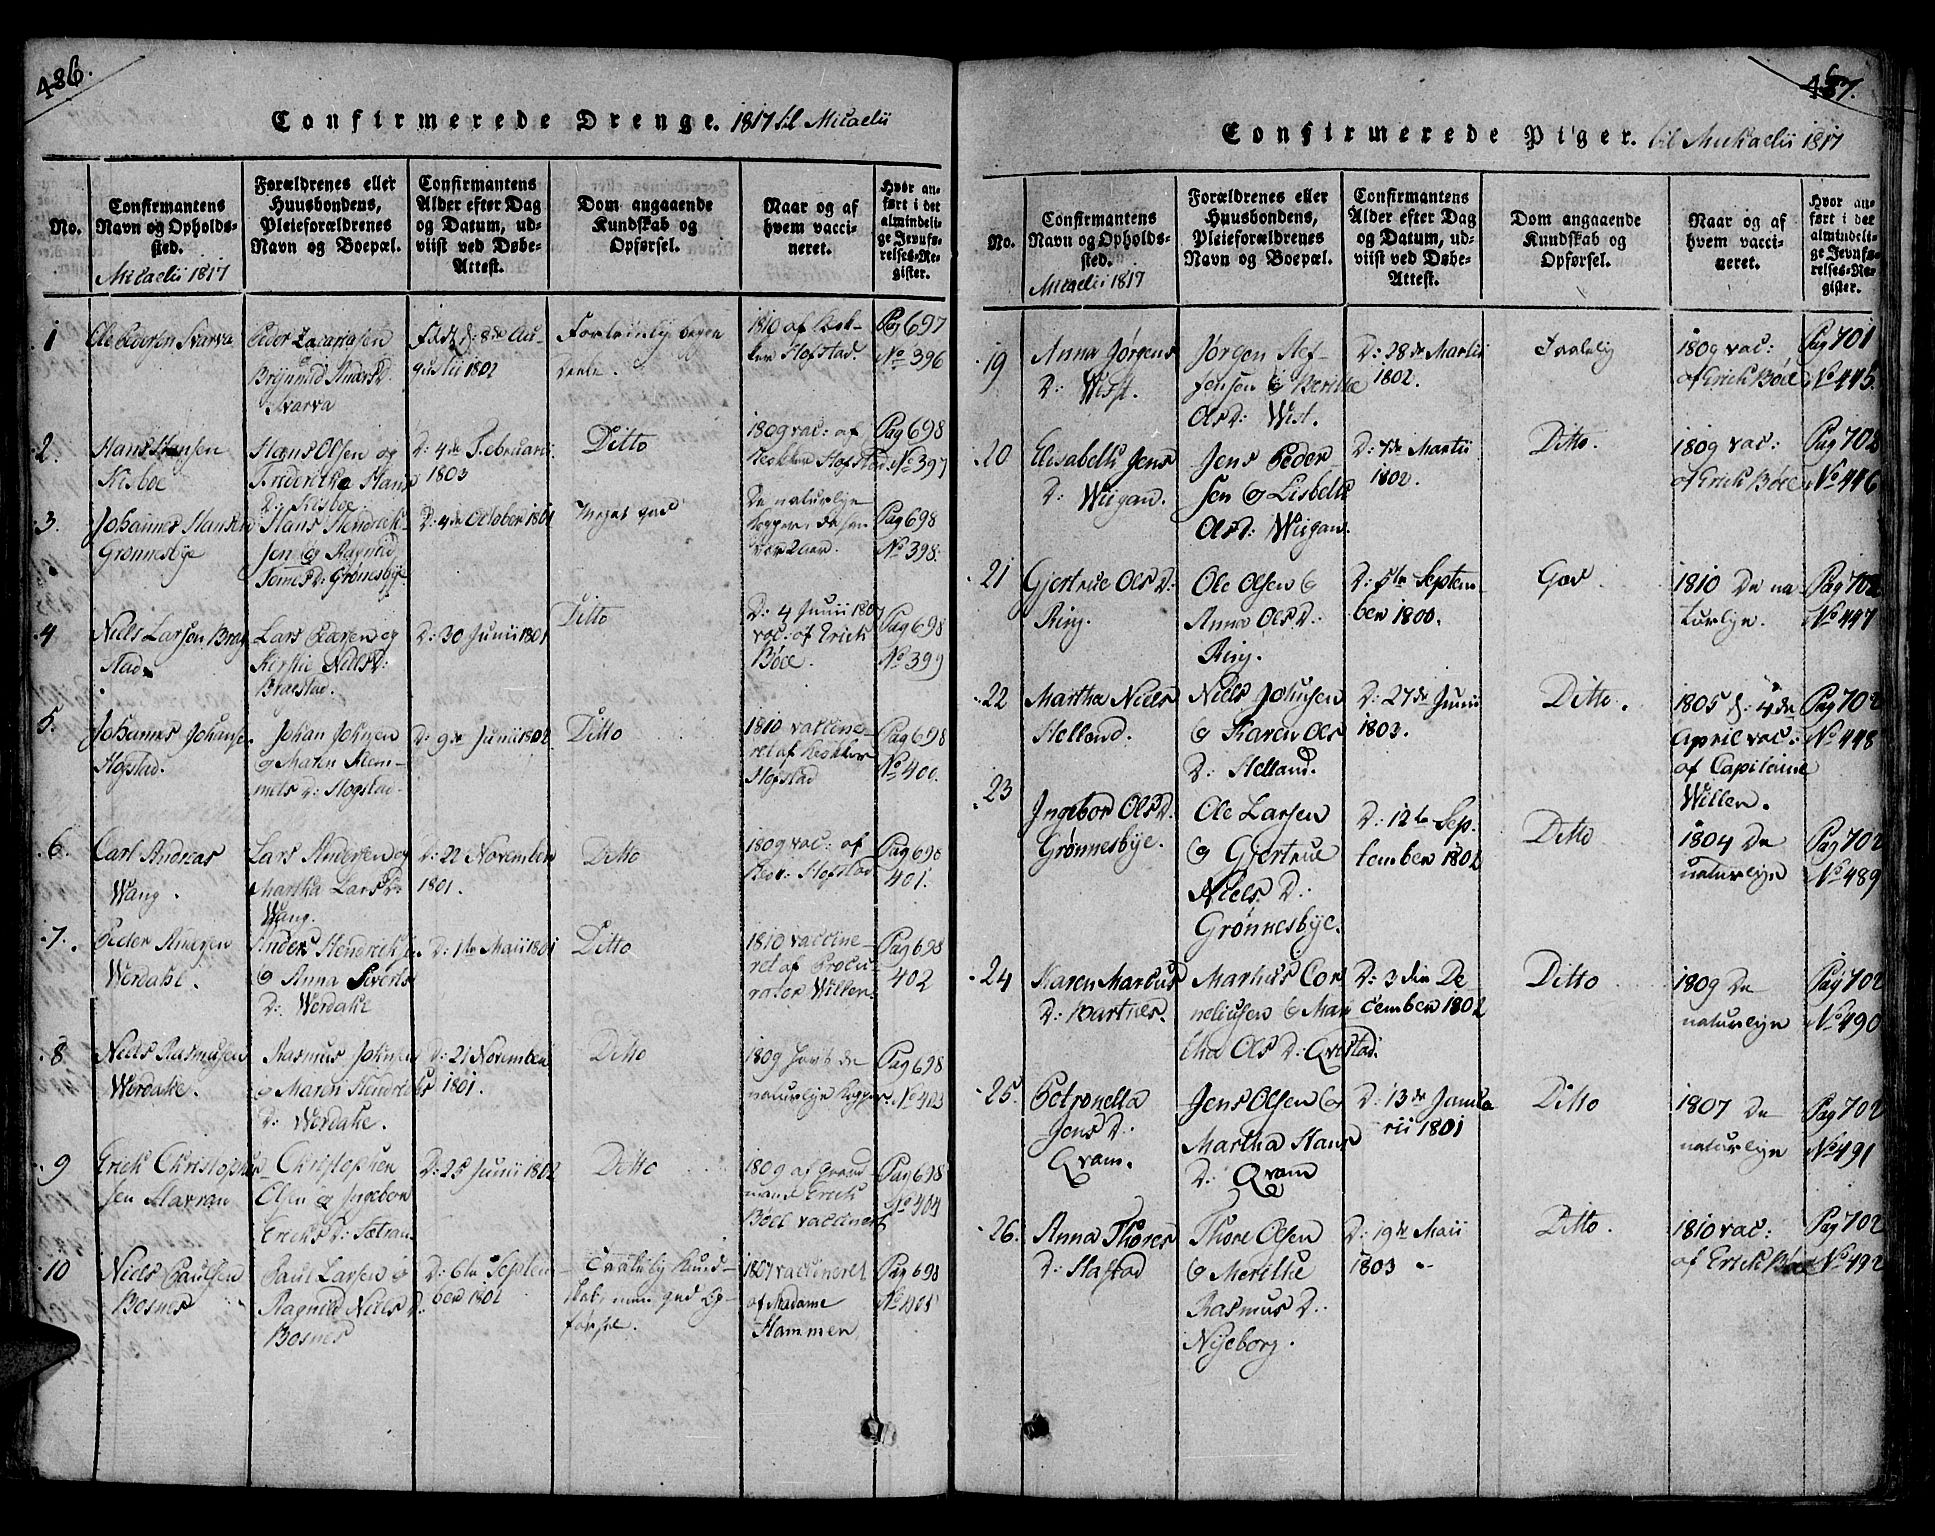 SAT, Ministerialprotokoller, klokkerbøker og fødselsregistre - Nord-Trøndelag, 730/L0275: Ministerialbok nr. 730A04, 1816-1822, s. 486-487